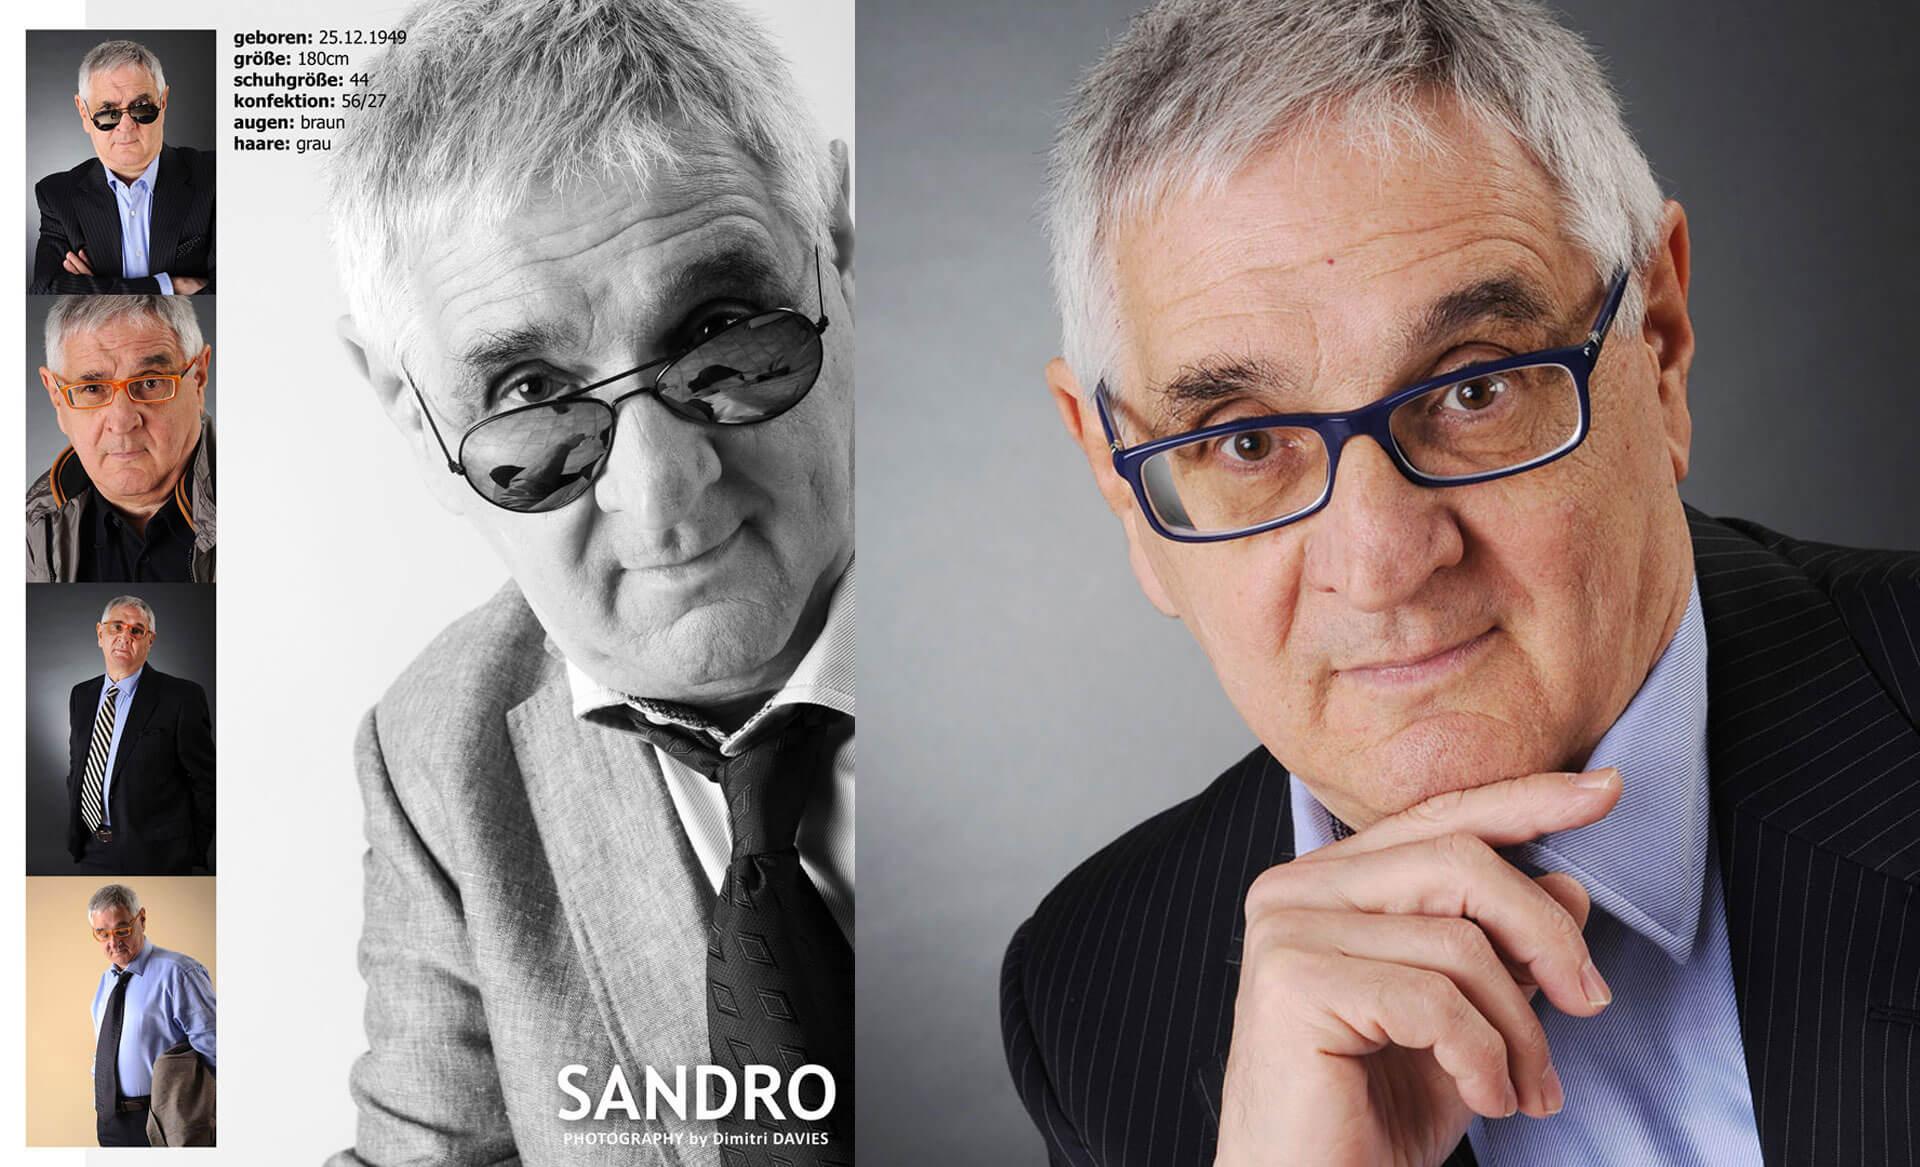 Sedcards Komparsen Mann Fotostudio als älterer Schauspieler